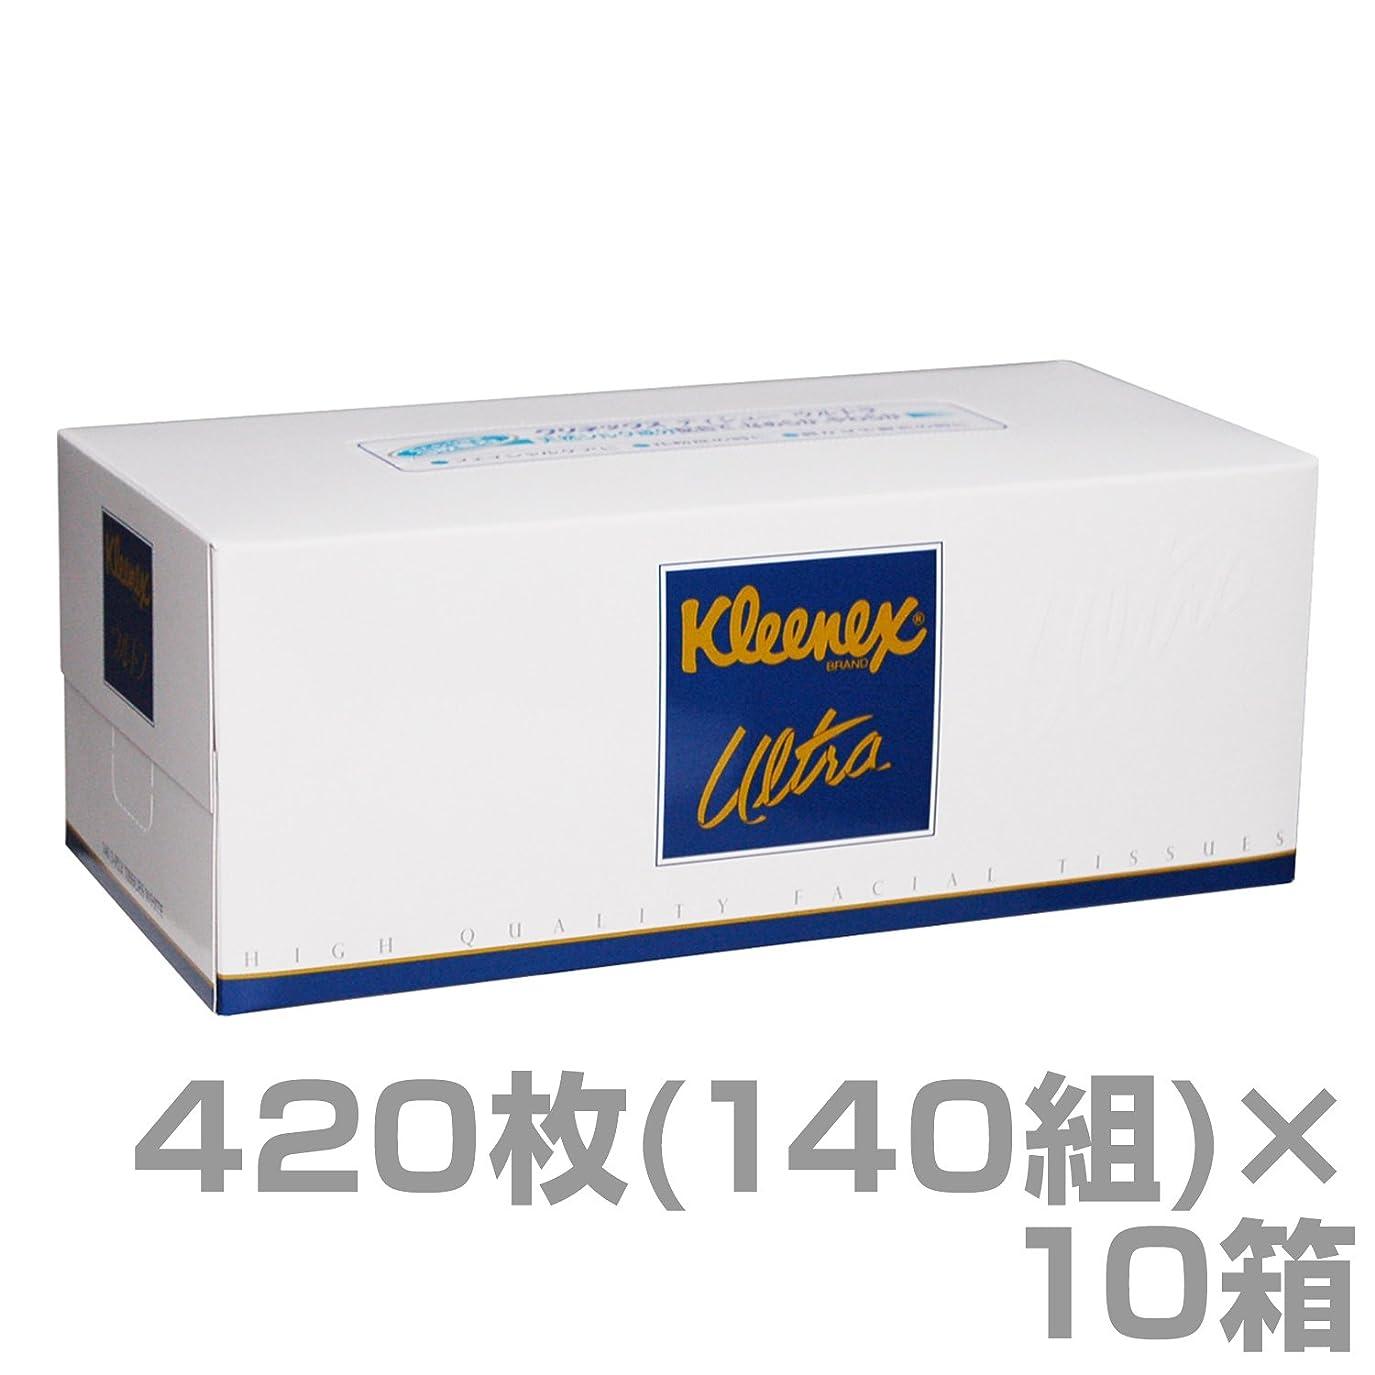 差別サンダー春クリネックス ティッシュペーパー ウルトラ ファミリーサイズ 420枚(140組)×10箱 48030